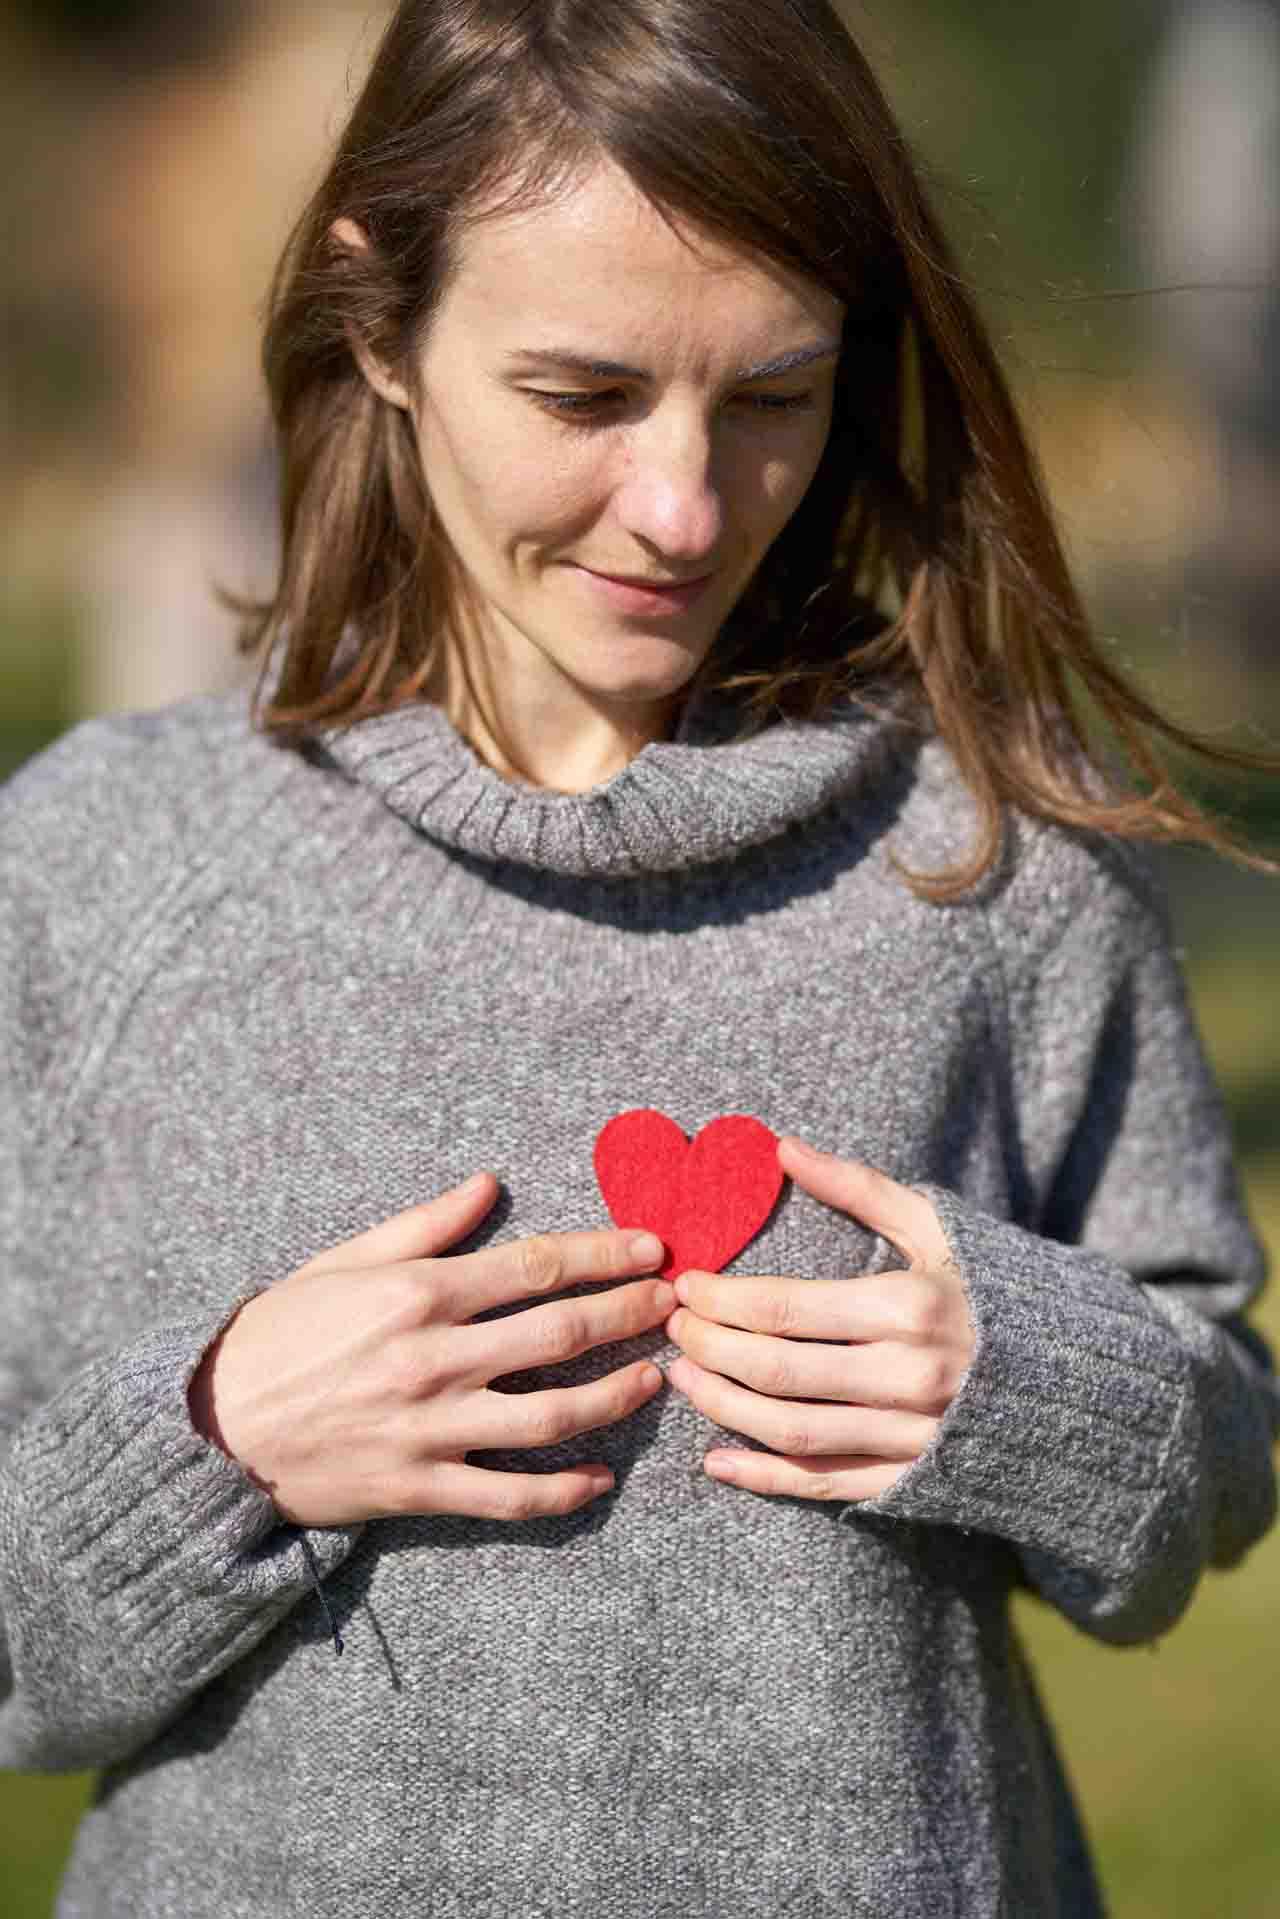 全球第一個 3D 列印的「人造心臟」誕生了